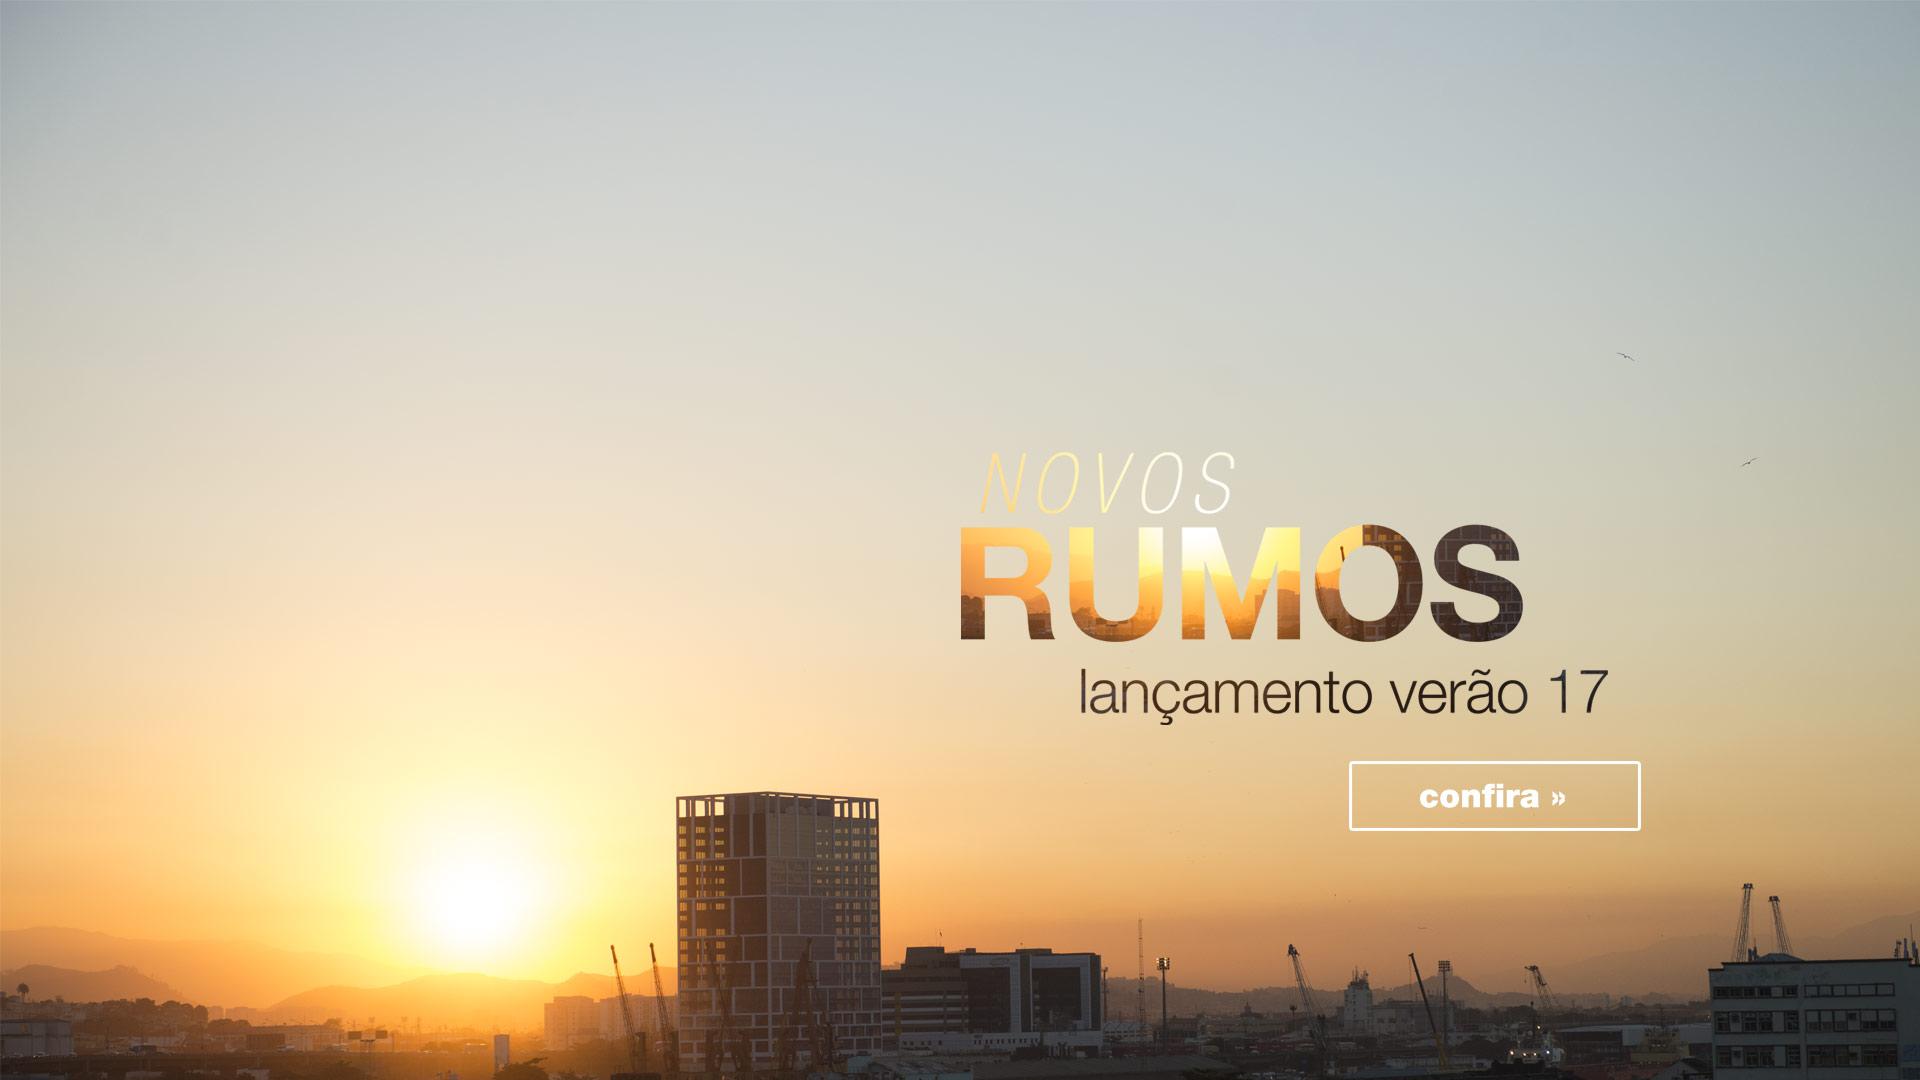 Novos Rumos - Lançamento Verão 17